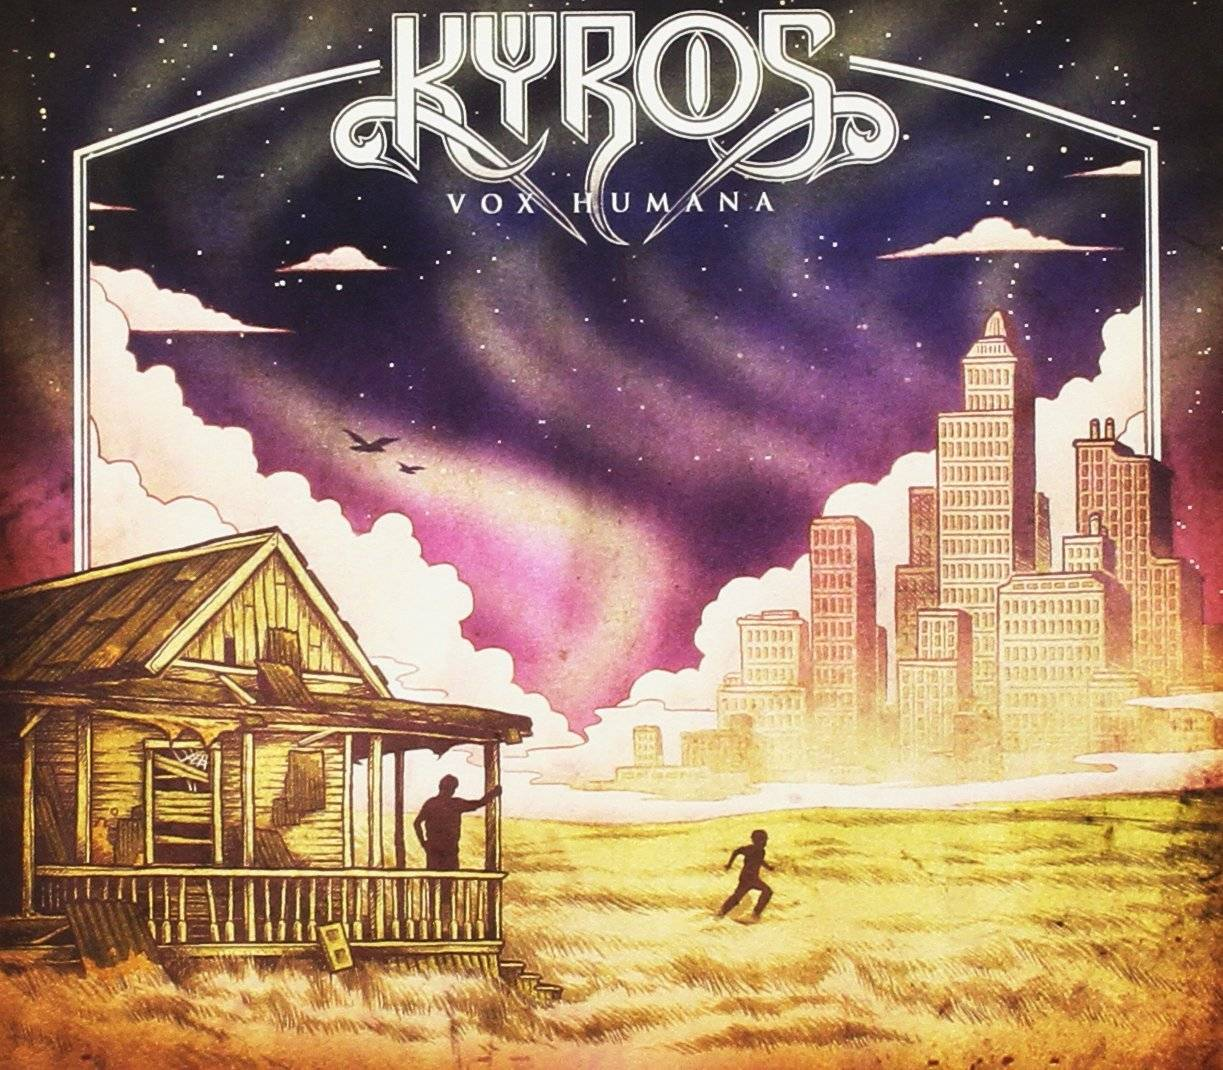 Kyros - Vox Humana (2016)